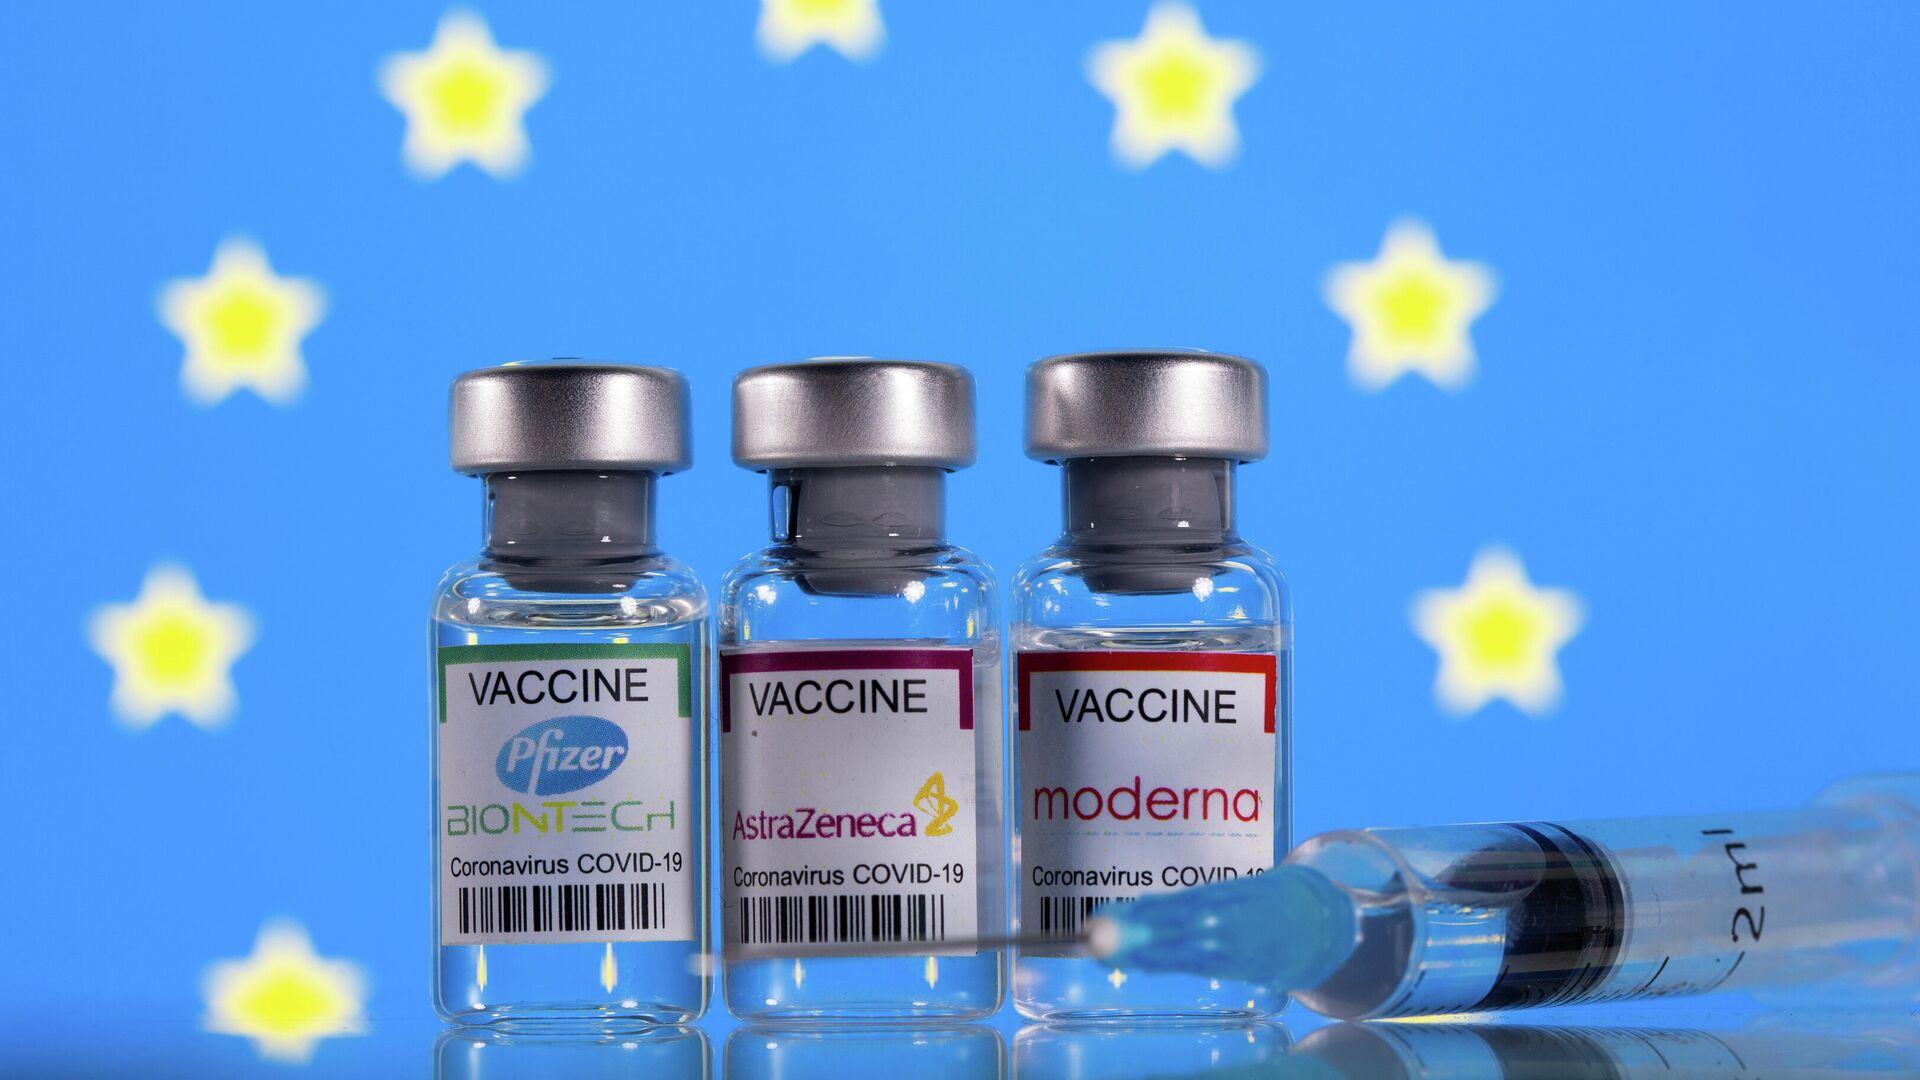 Vacunas anti-COVID aprobadas en la Unión Europea - Sputnik Mundo, 1920, 23.03.2021